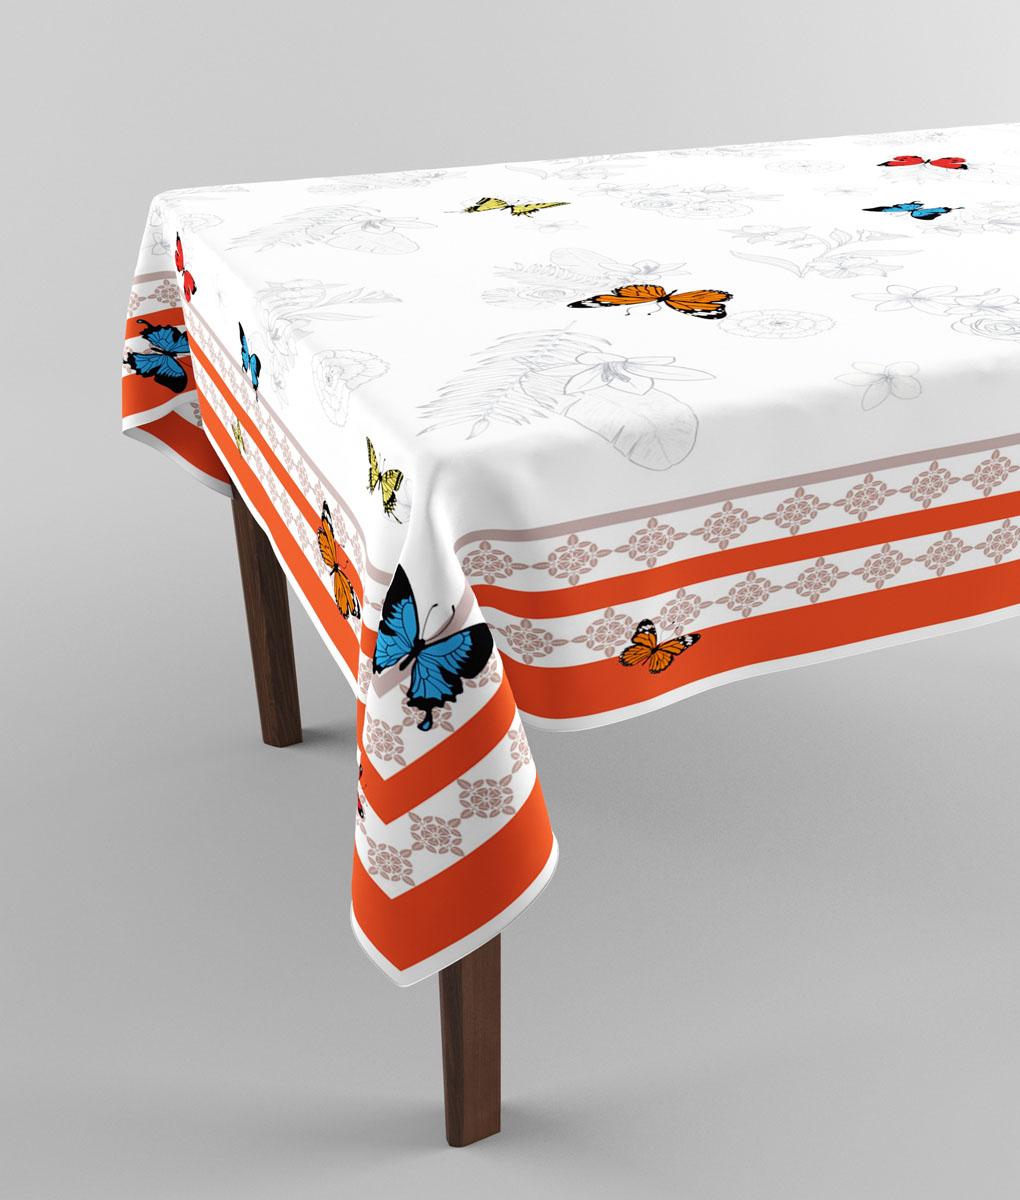 Скатерть Сирень Праздничный стол, прямоугольная, 145 x 120 смVT-1520(SR)Прямоугольная скатерть Сирень Праздничный стол с ярким и объемным рисунком, выполненная из габардина, преобразит вашу кухню, визуально расширит пространство, создаст атмосферу радости и комфорта. Рекомендации по уходу: стирка при 30 градусах, гладить при температуре до 110 градусов.Изображение может немного отличаться от реального.